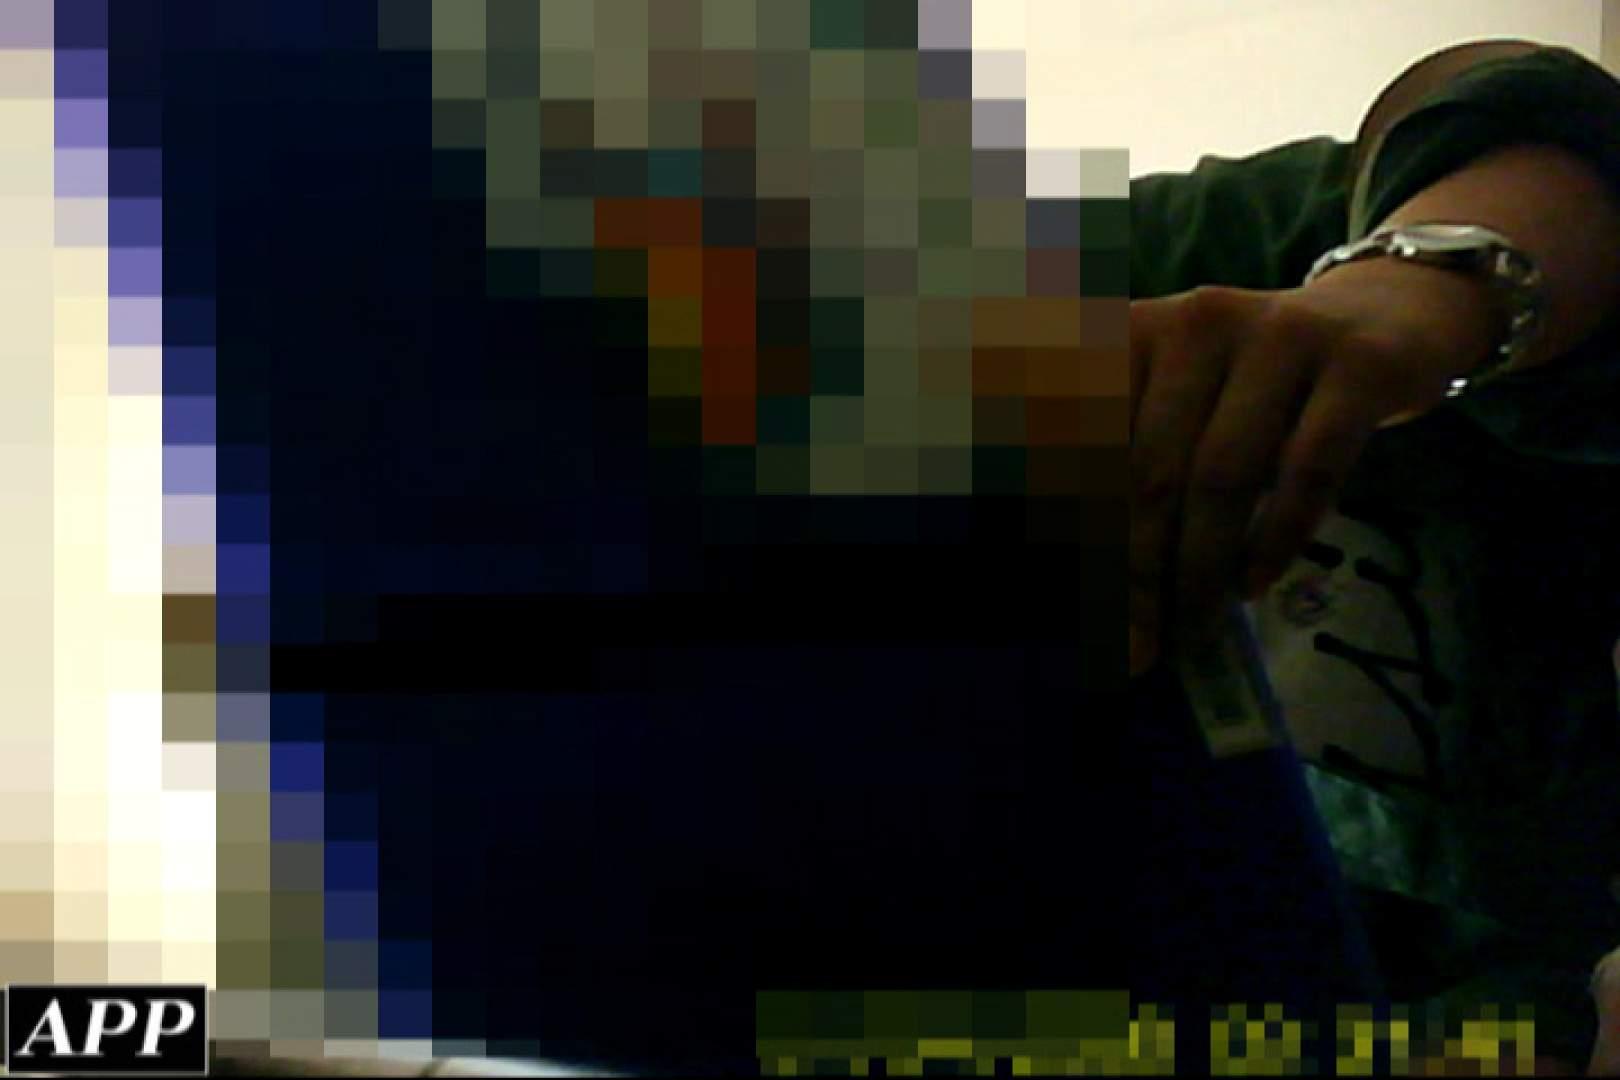 3視点洗面所 vol.118 オマンコ 盗み撮り動画キャプチャ 106連発 76